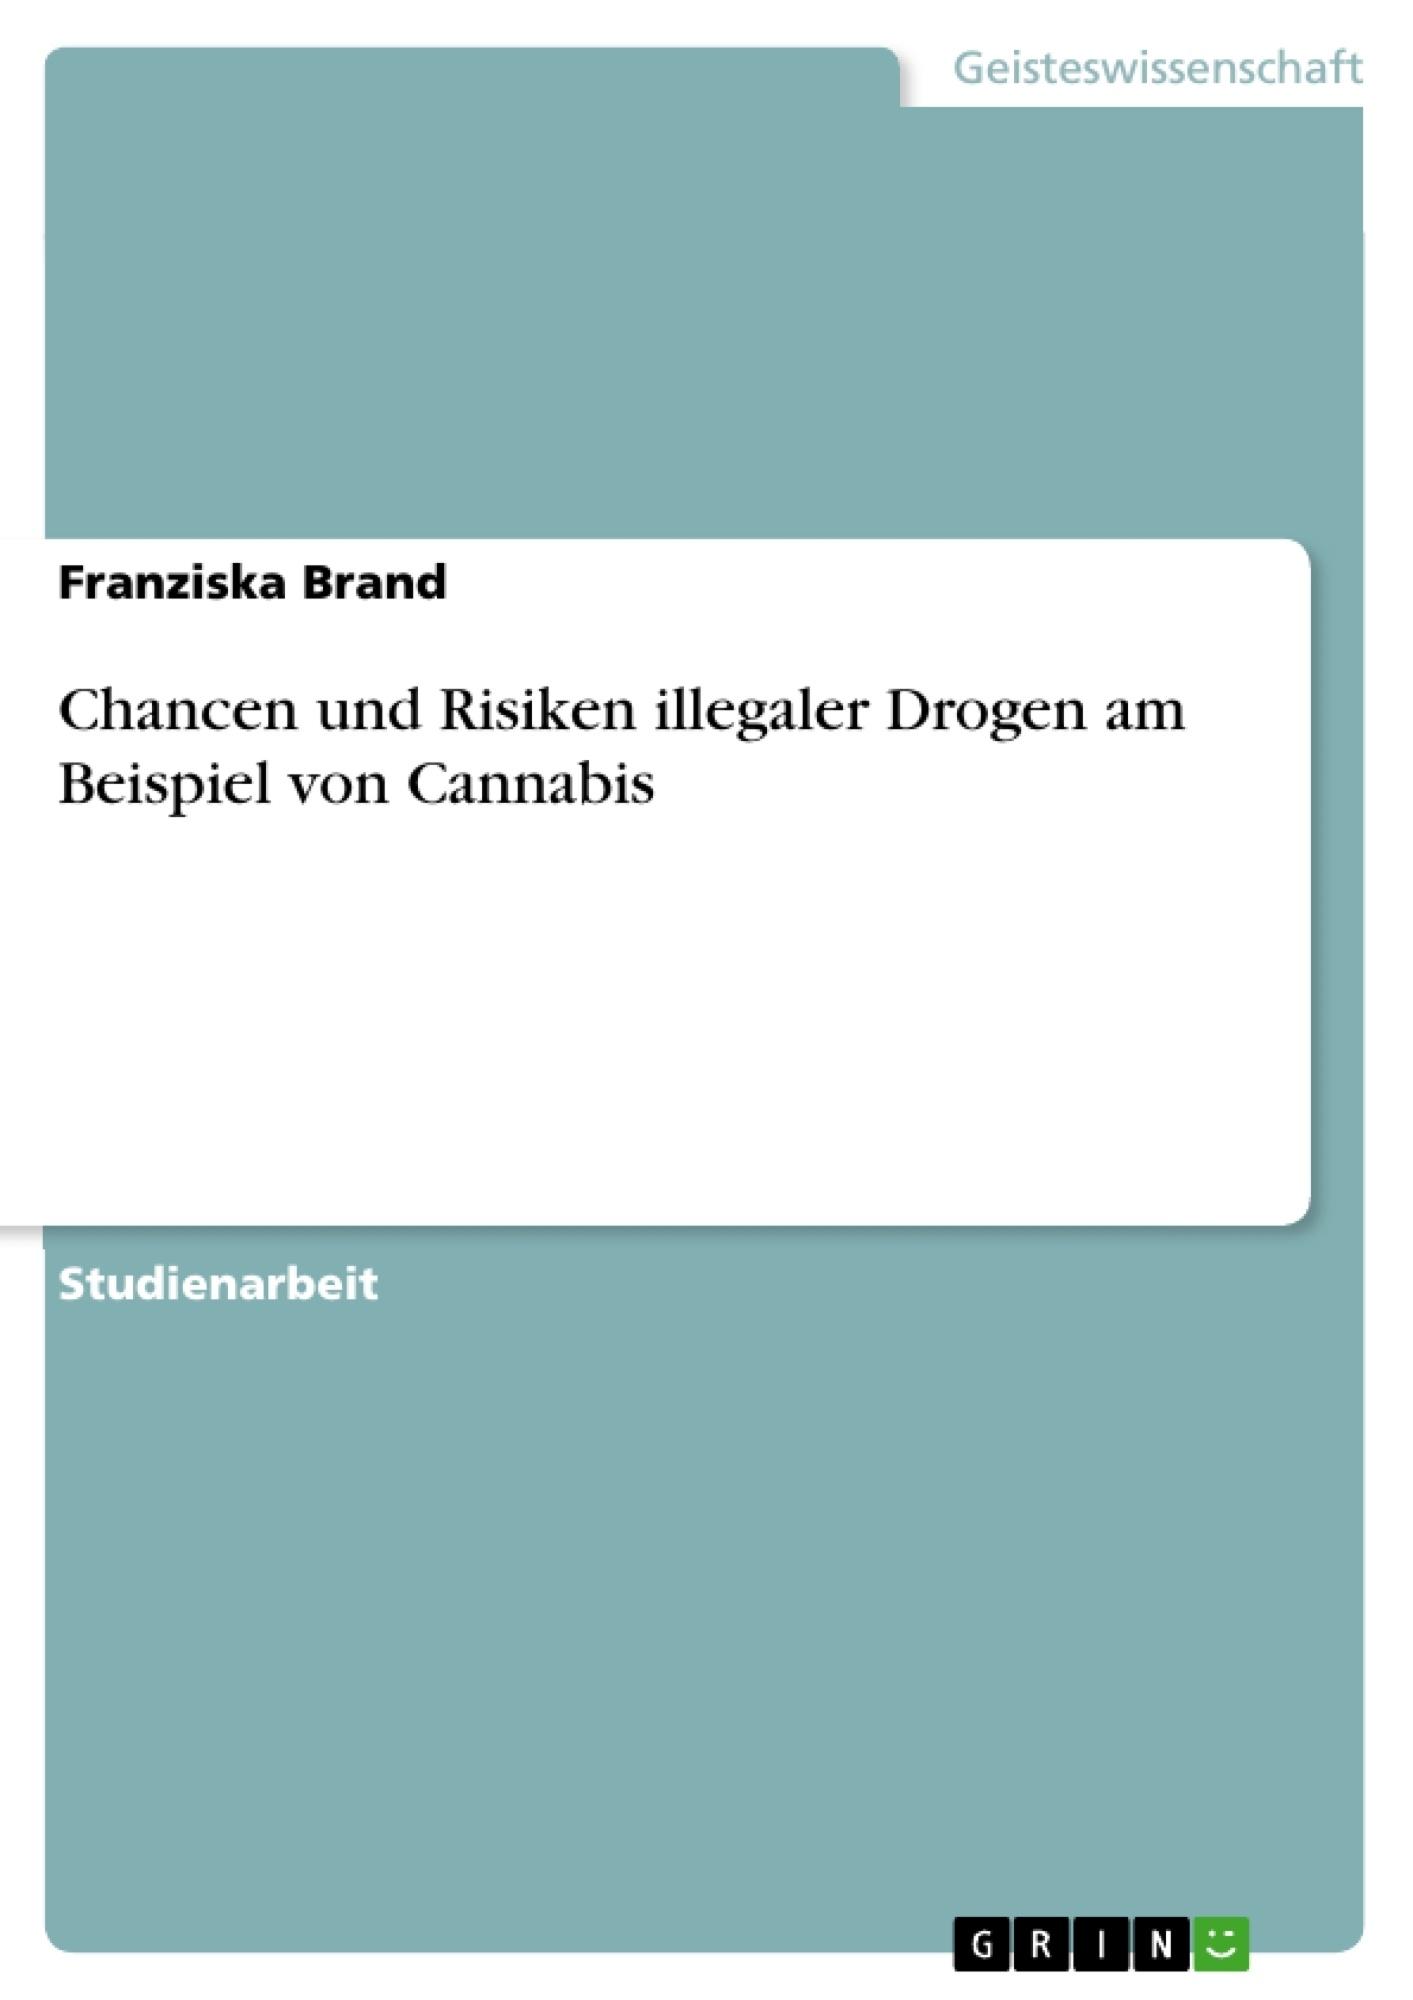 Titel: Chancen und Risiken illegaler Drogen am Beispiel von Cannabis